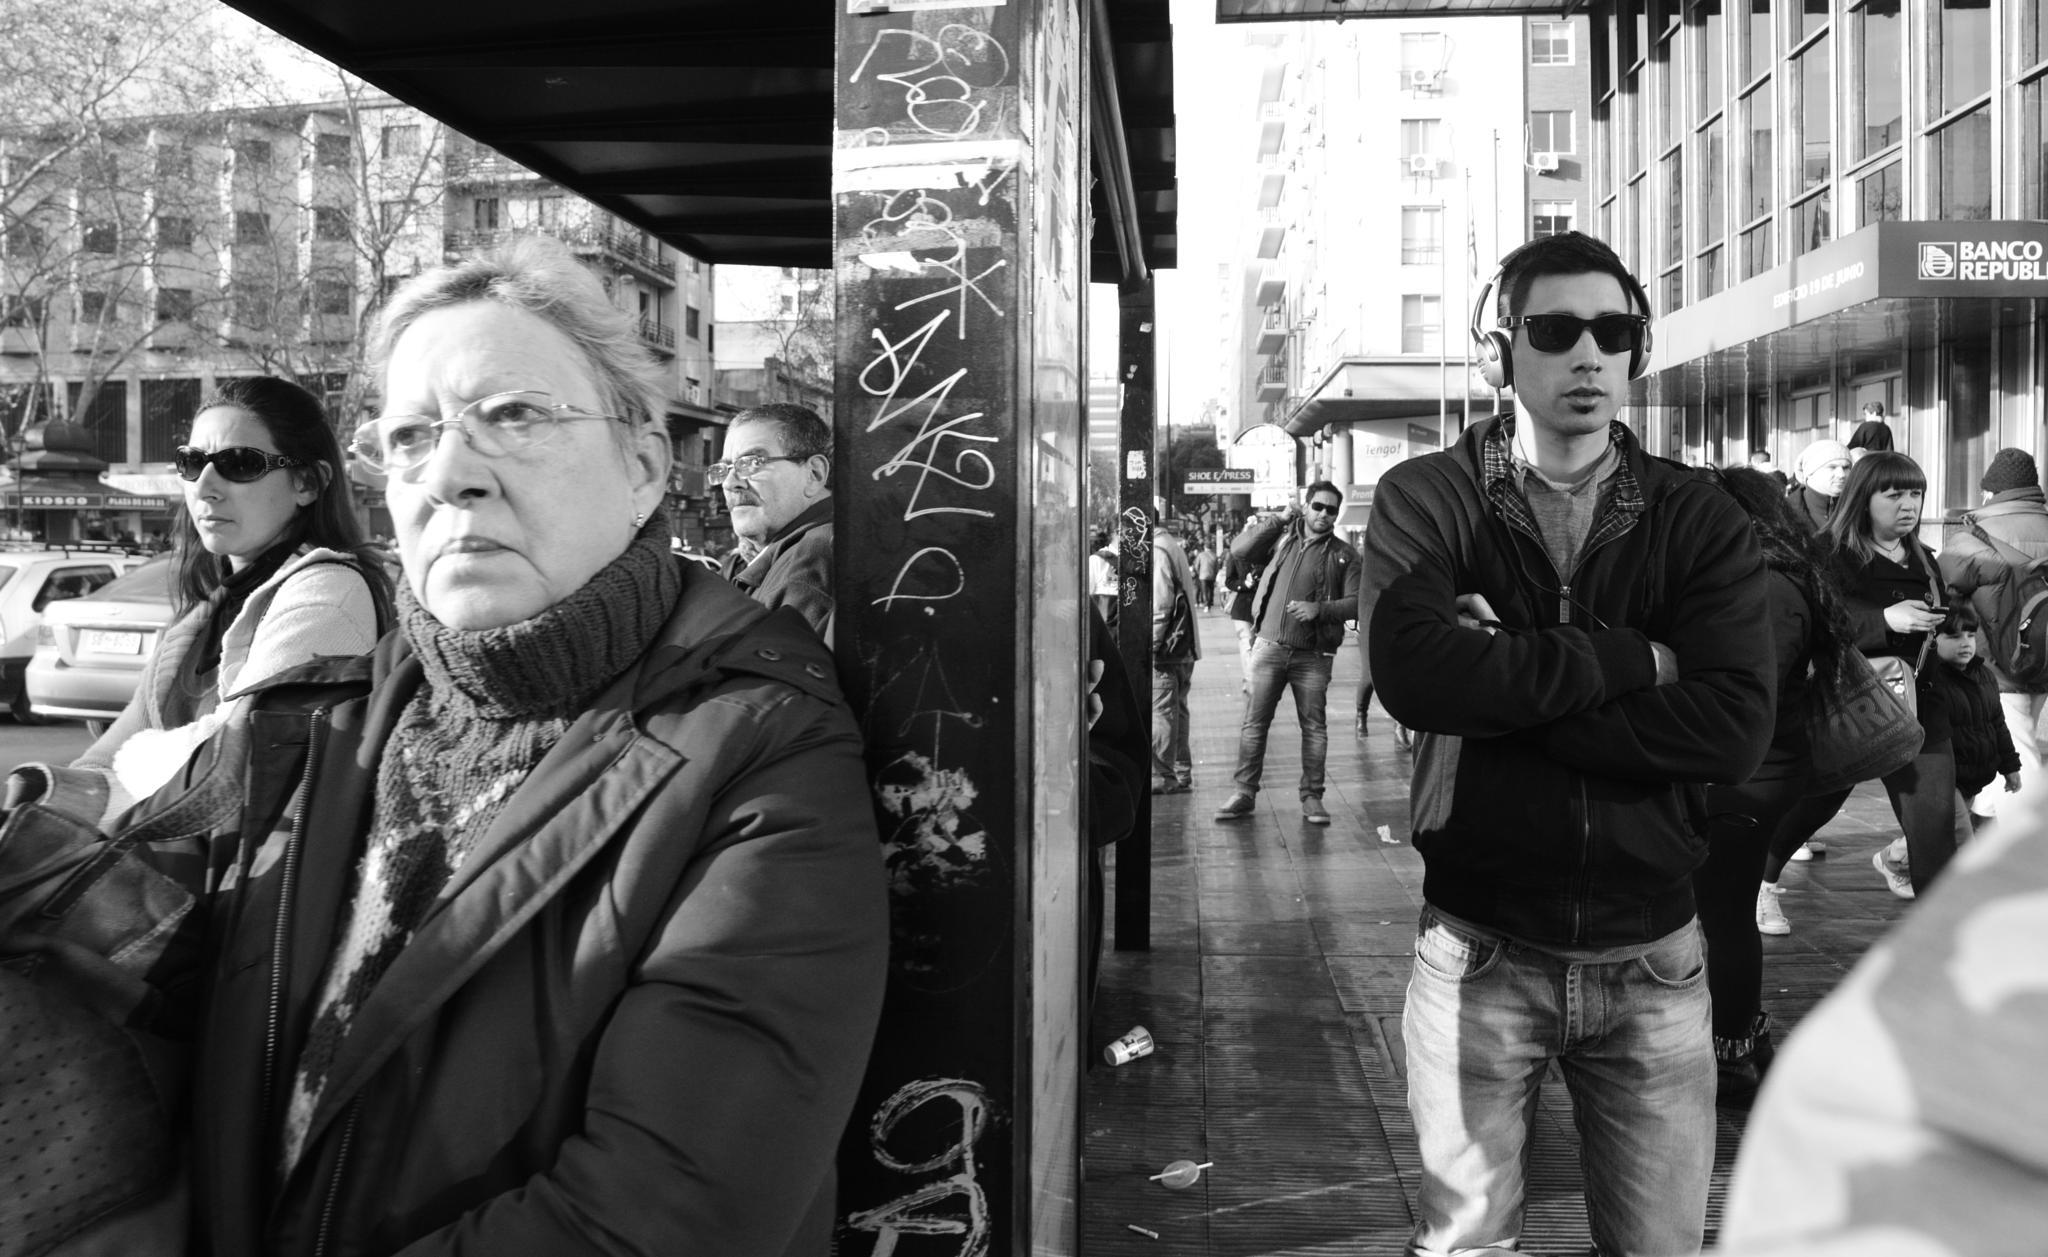 Esperando el bus 2 by Daniel Guillermo